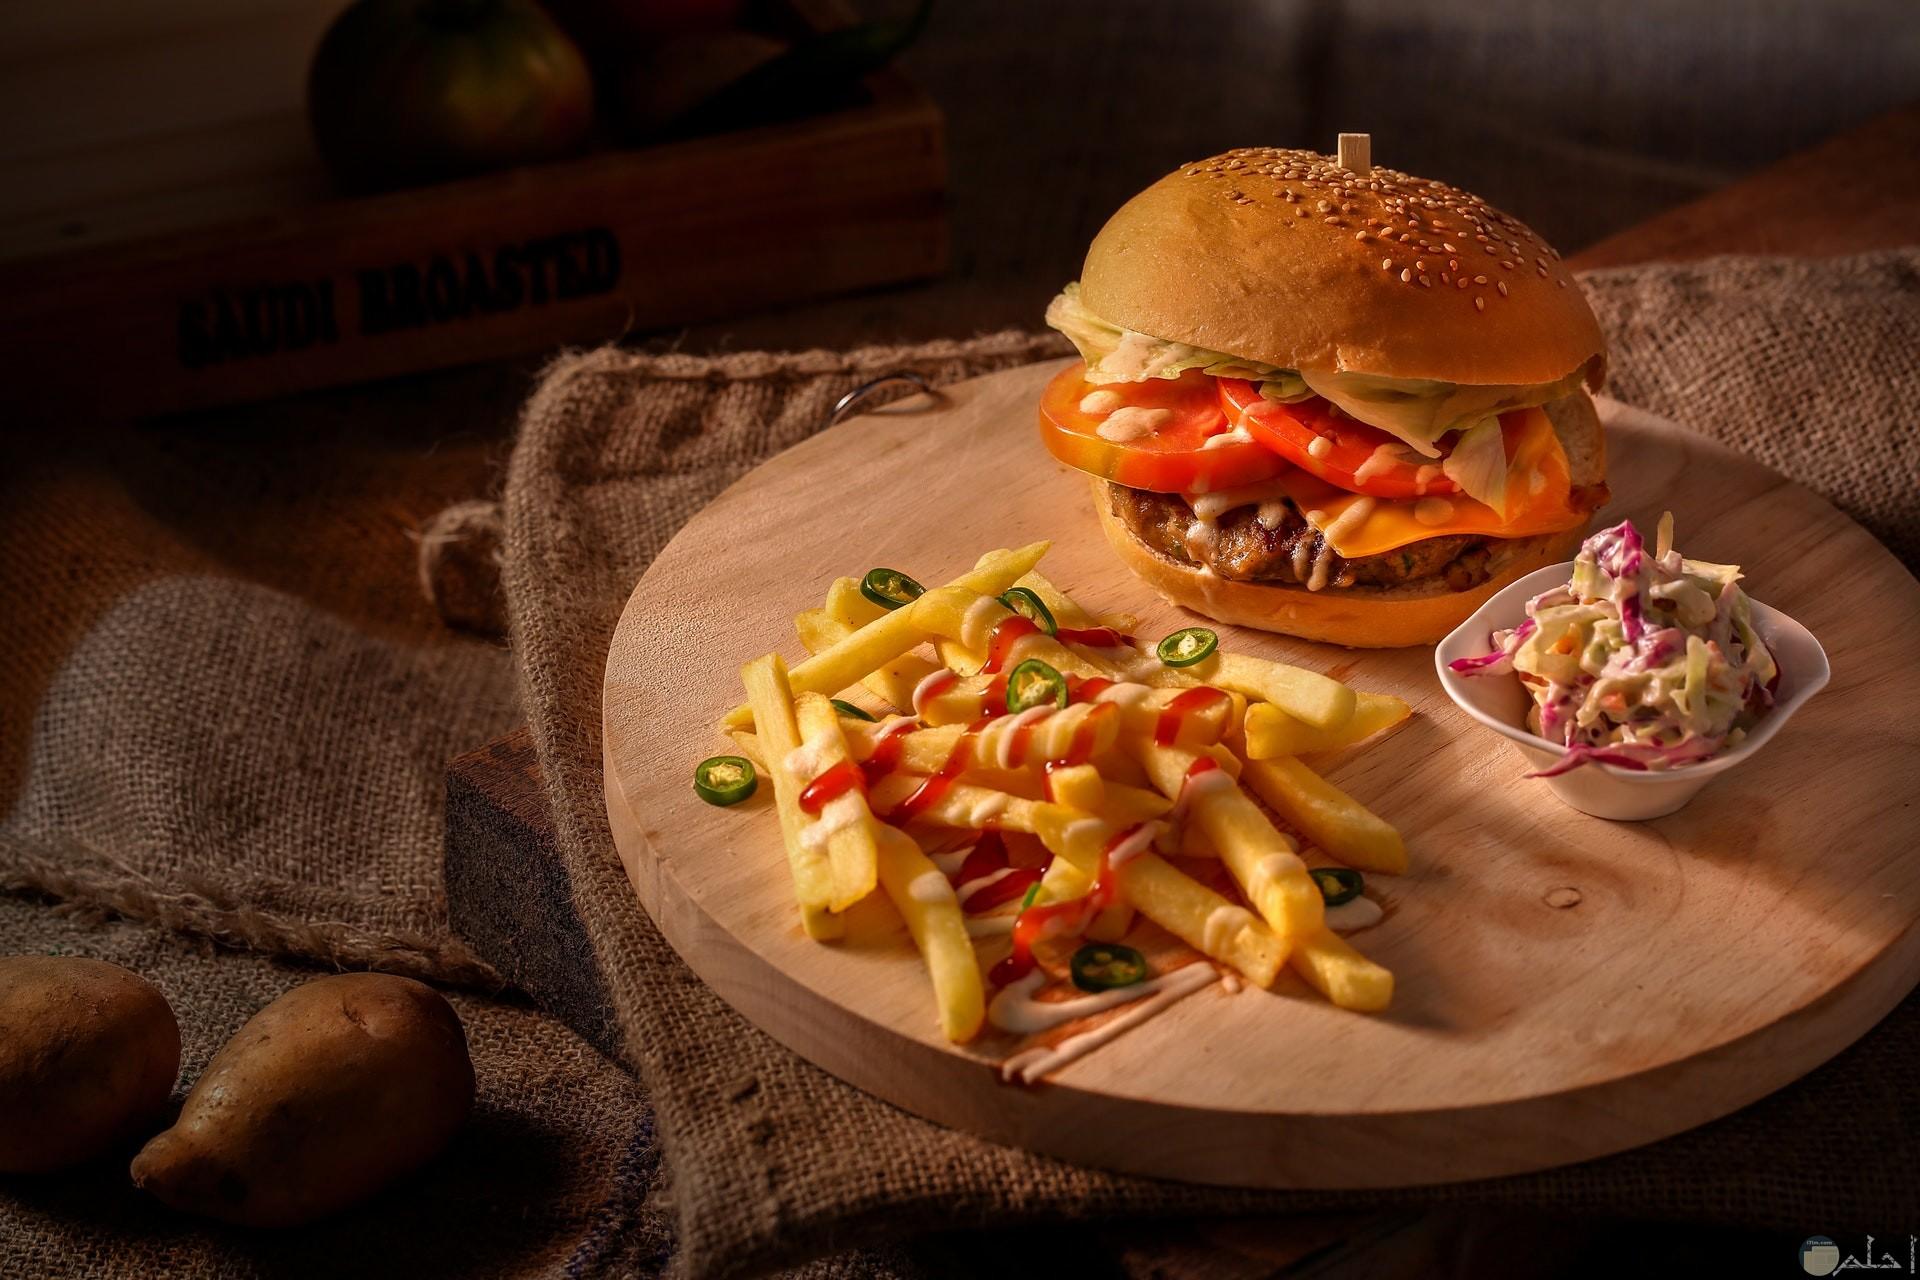 صورة جميلة جدا لبرجر شهي ولذيذ مع بطاطس بالكاتشاب بجانبه